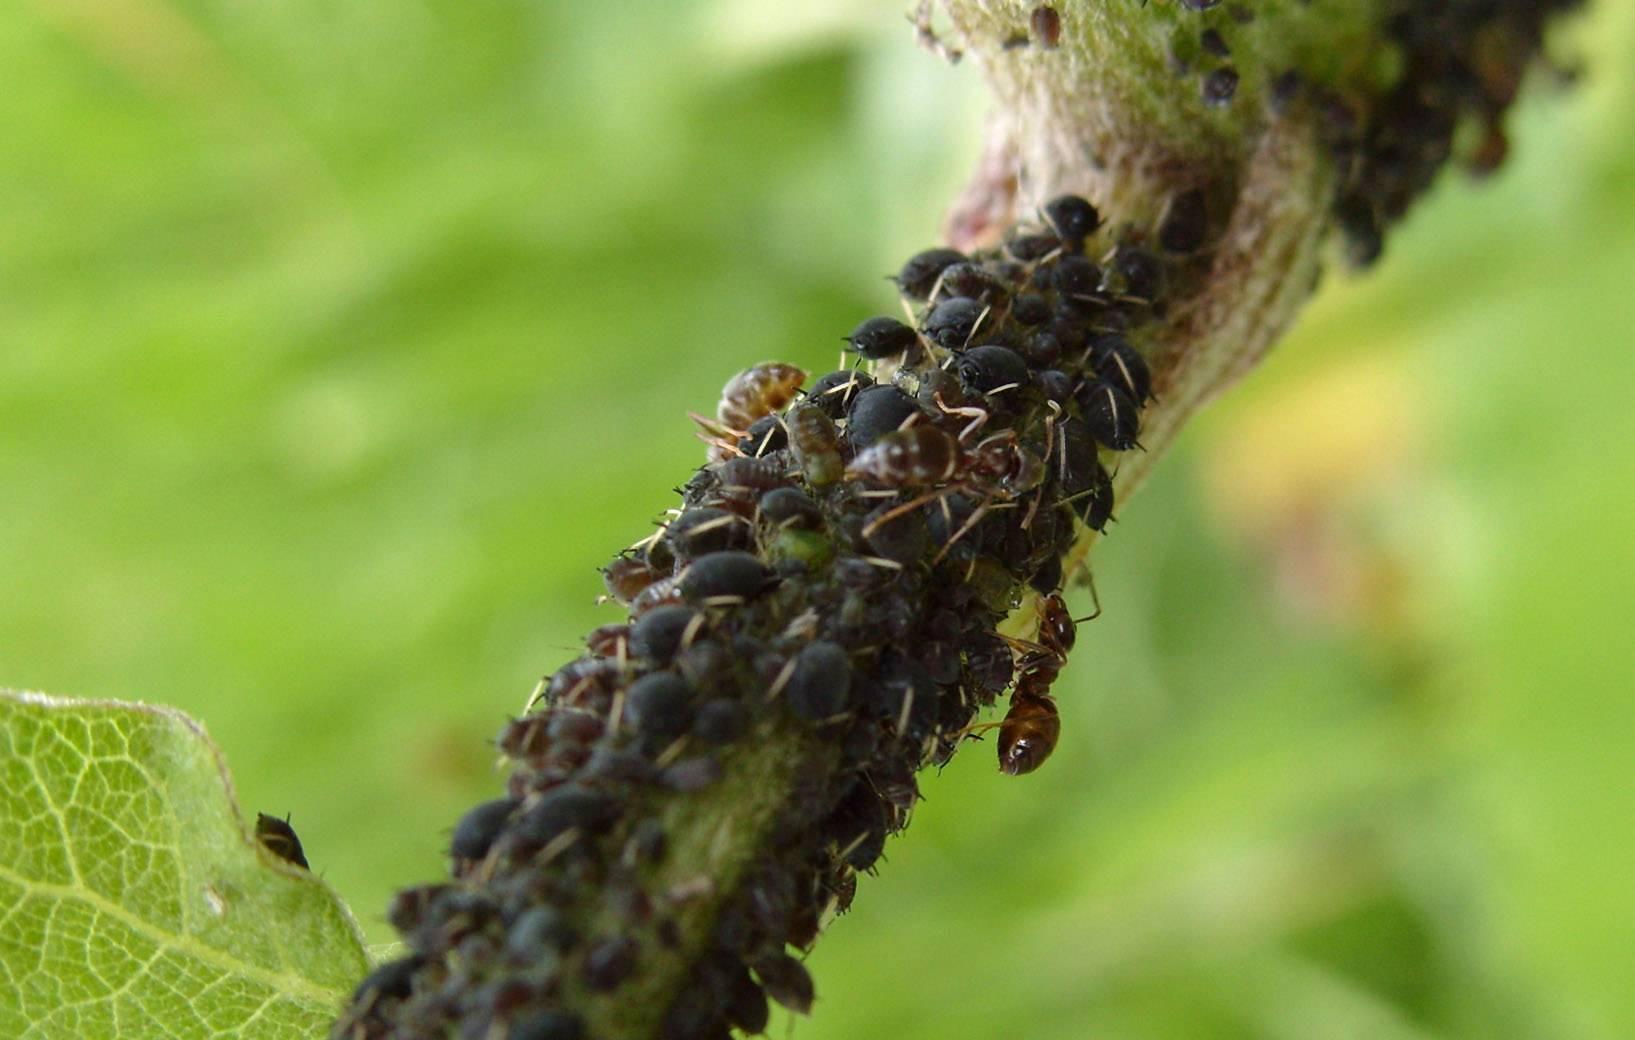 Борьба с гусеницами в саду и огороде – чем обрабатывать растения - огород, сад, балкон - медиаплатформа миртесен